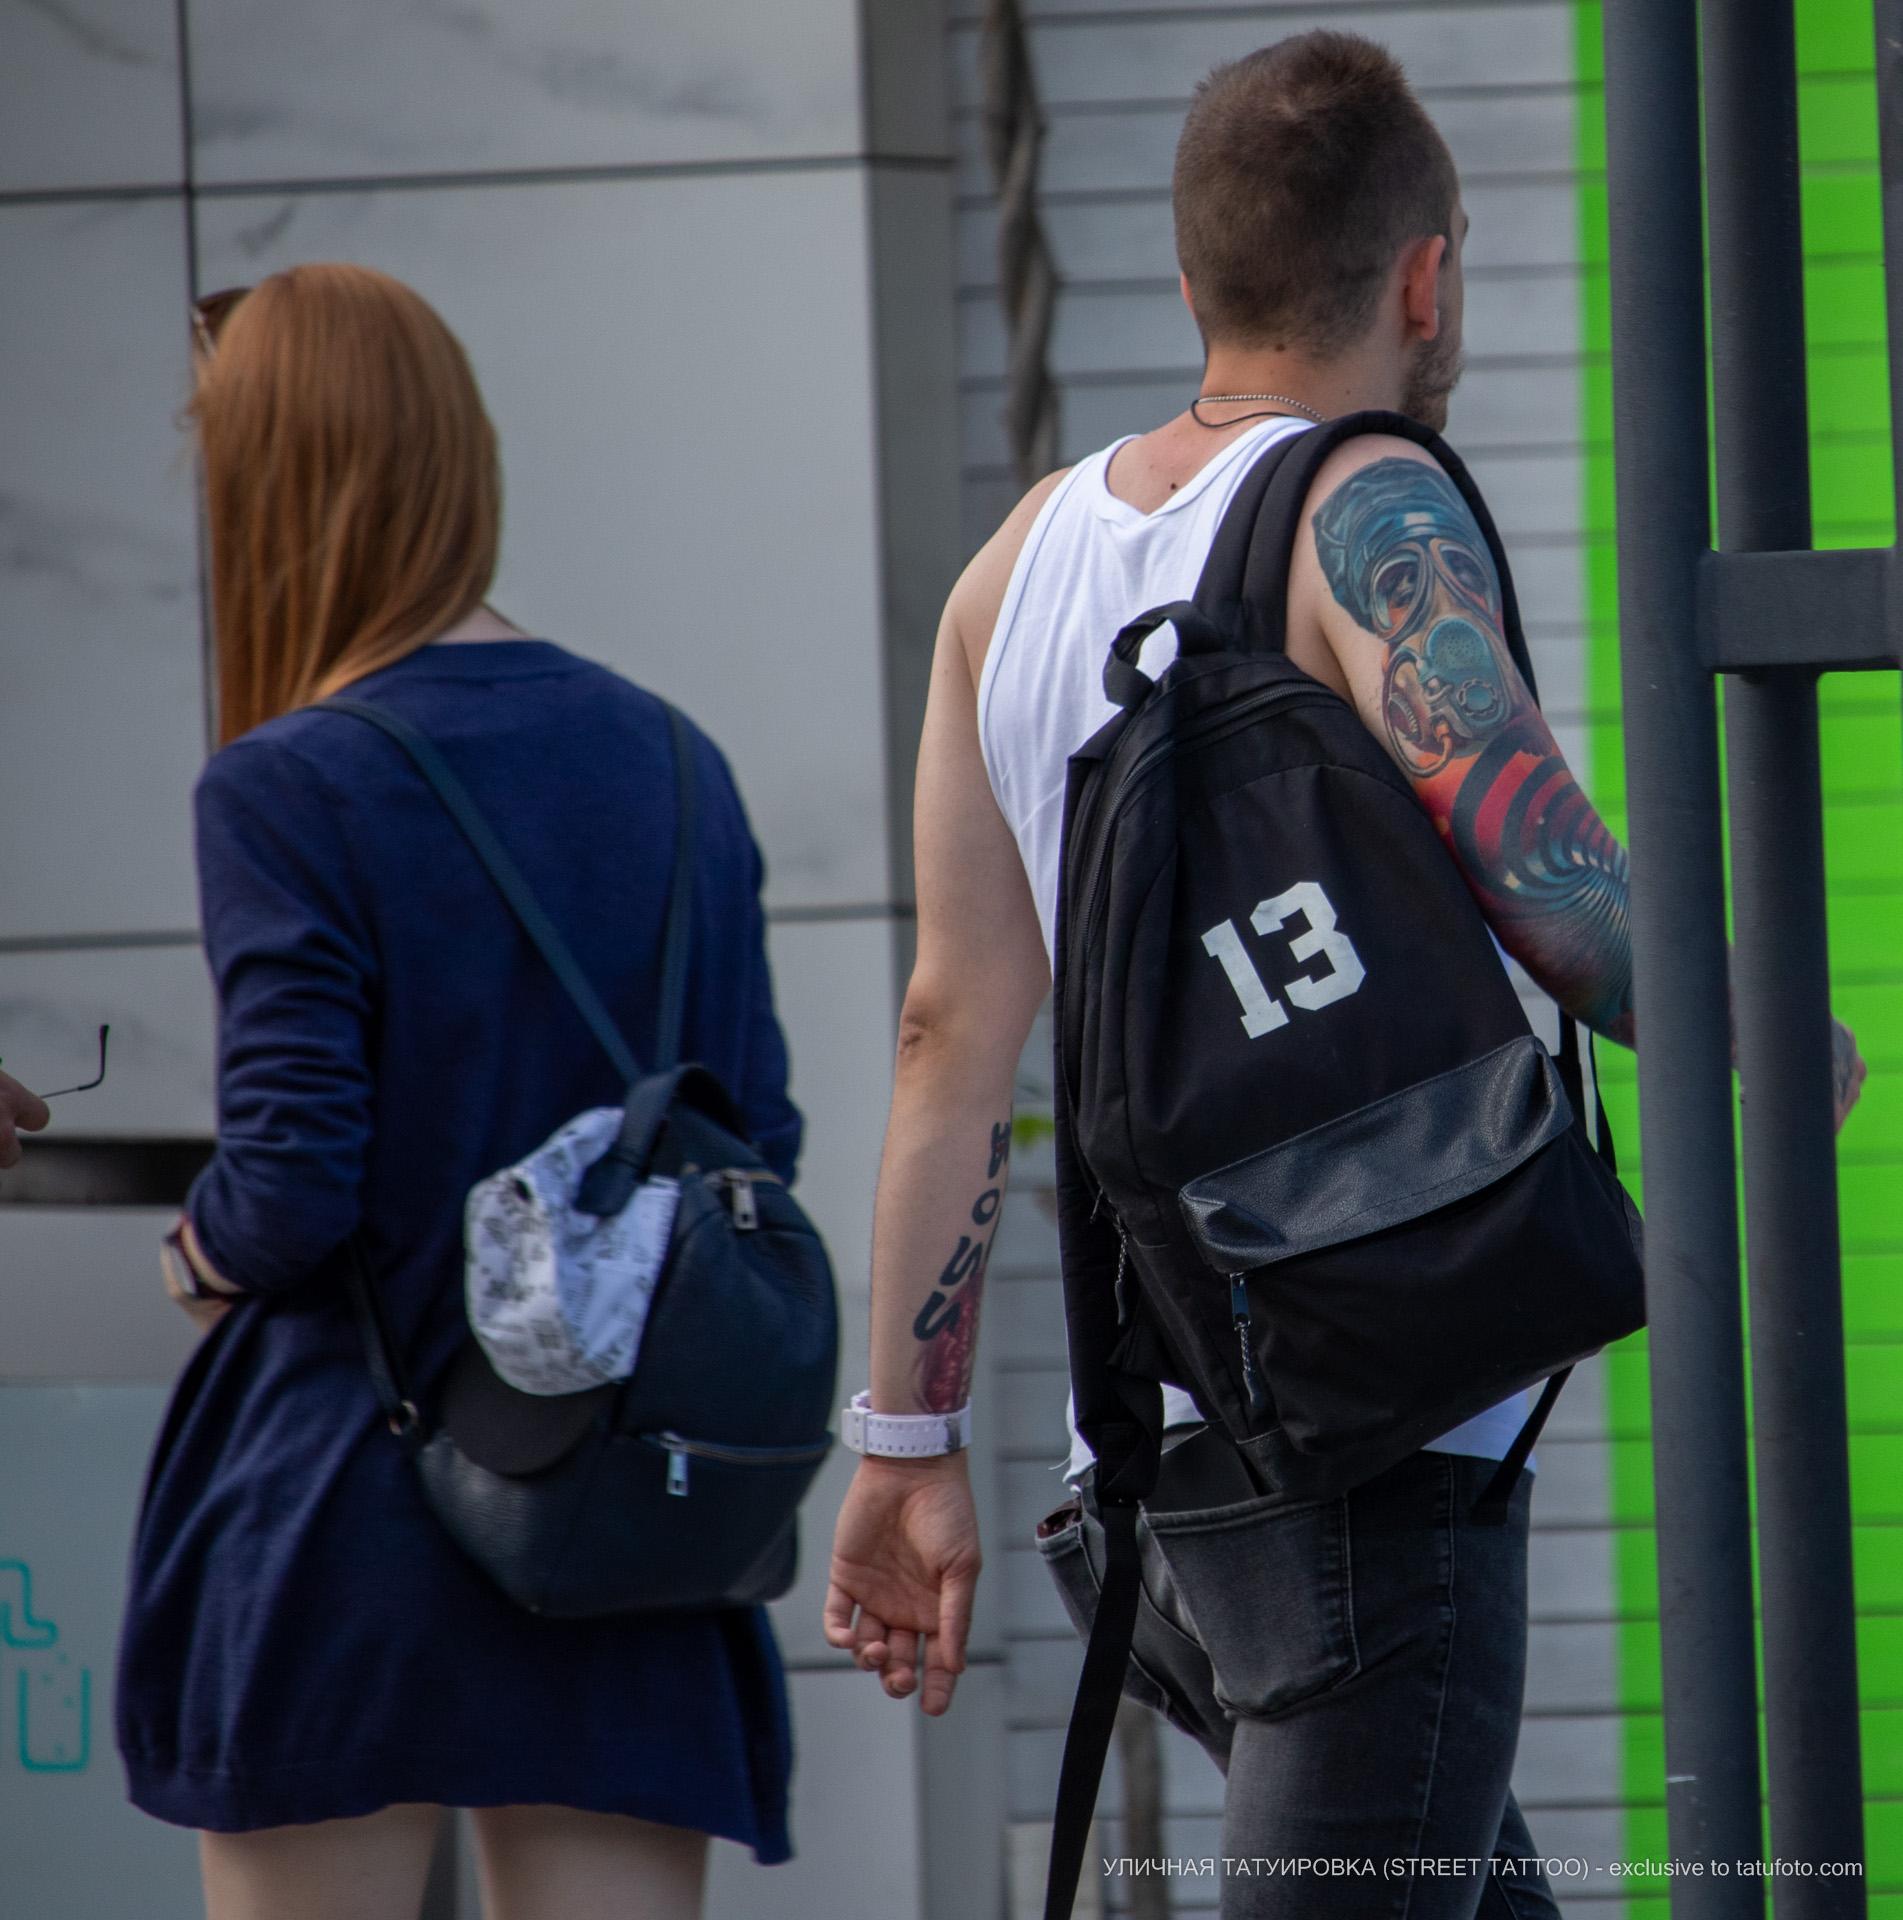 Парень на улице с красивыми тату на руках - Уличная татуировка (street tattoo) № 06 – 18.06.2020 – tatufoto.com 3